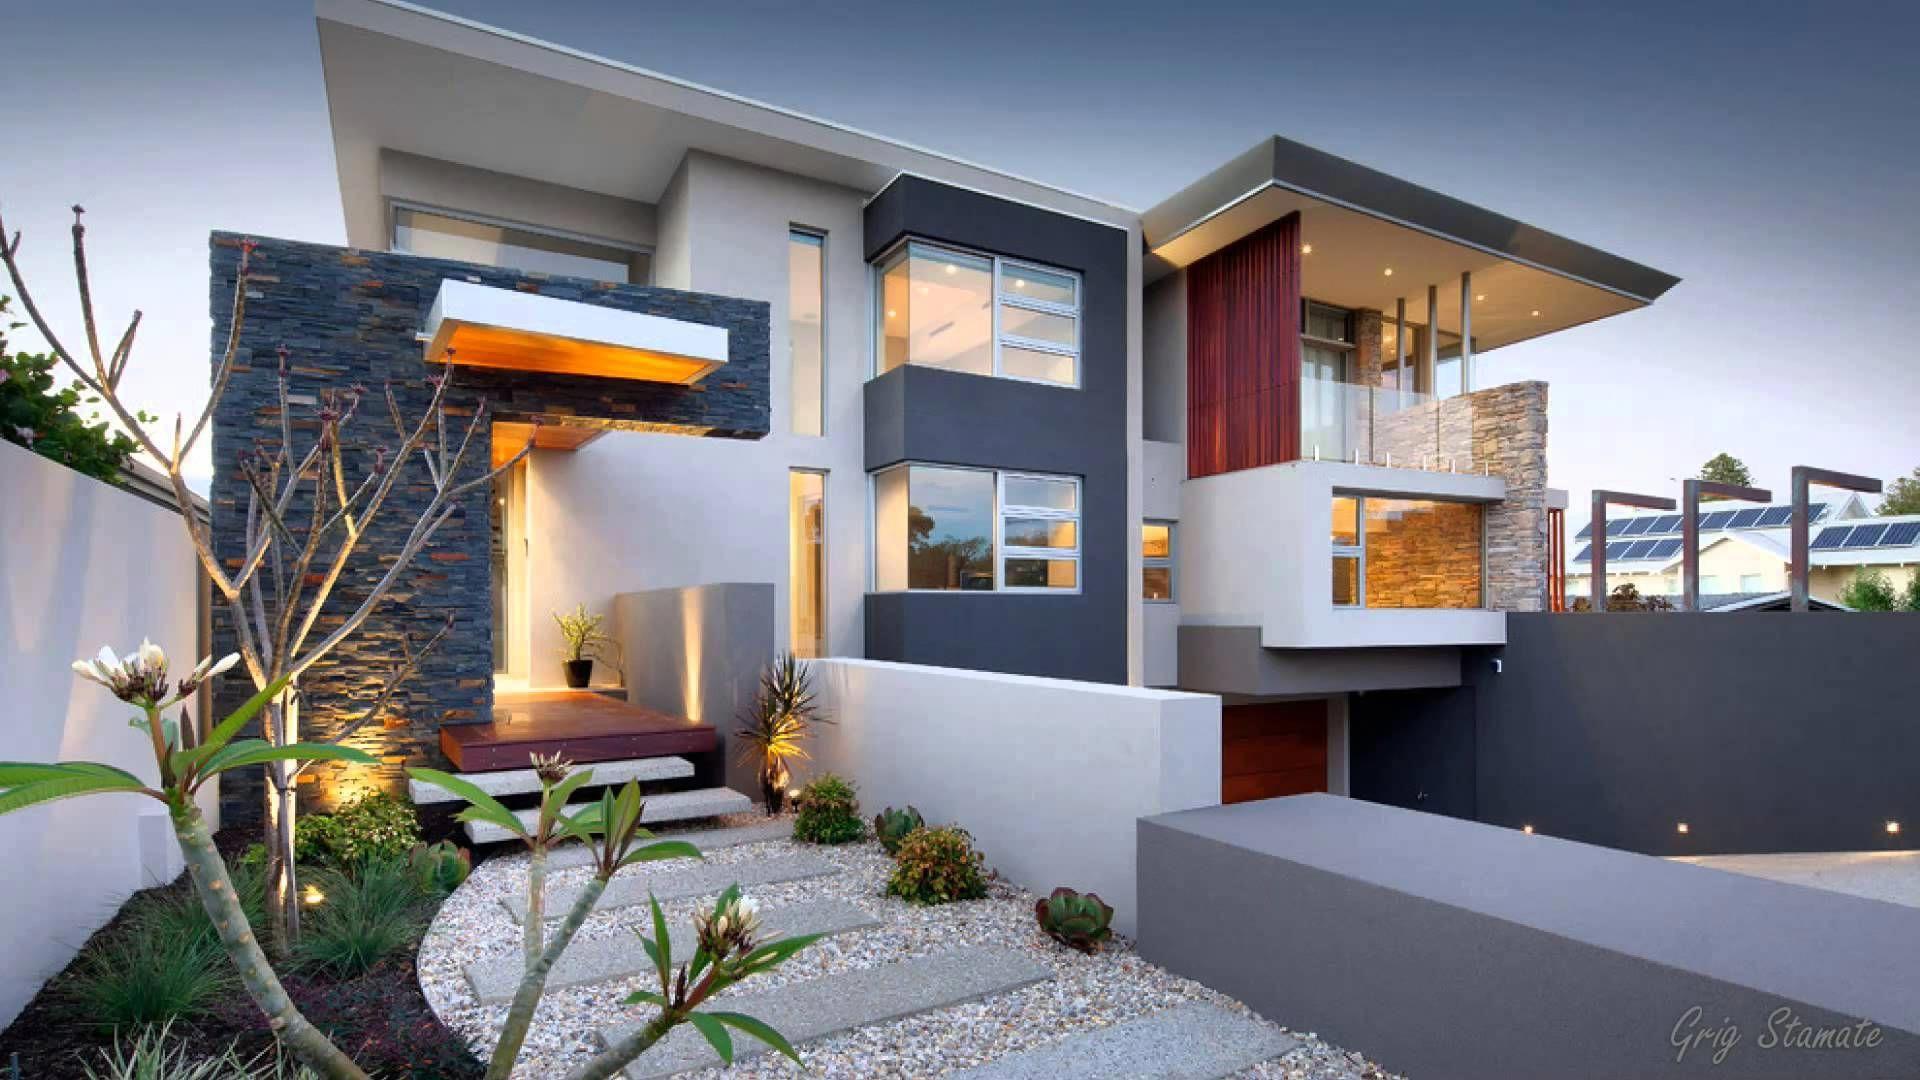 Stunning Ultra Modern House Designs Modernhomedesign Contemporary House Design Modern House Plans Beautiful Modern Homes